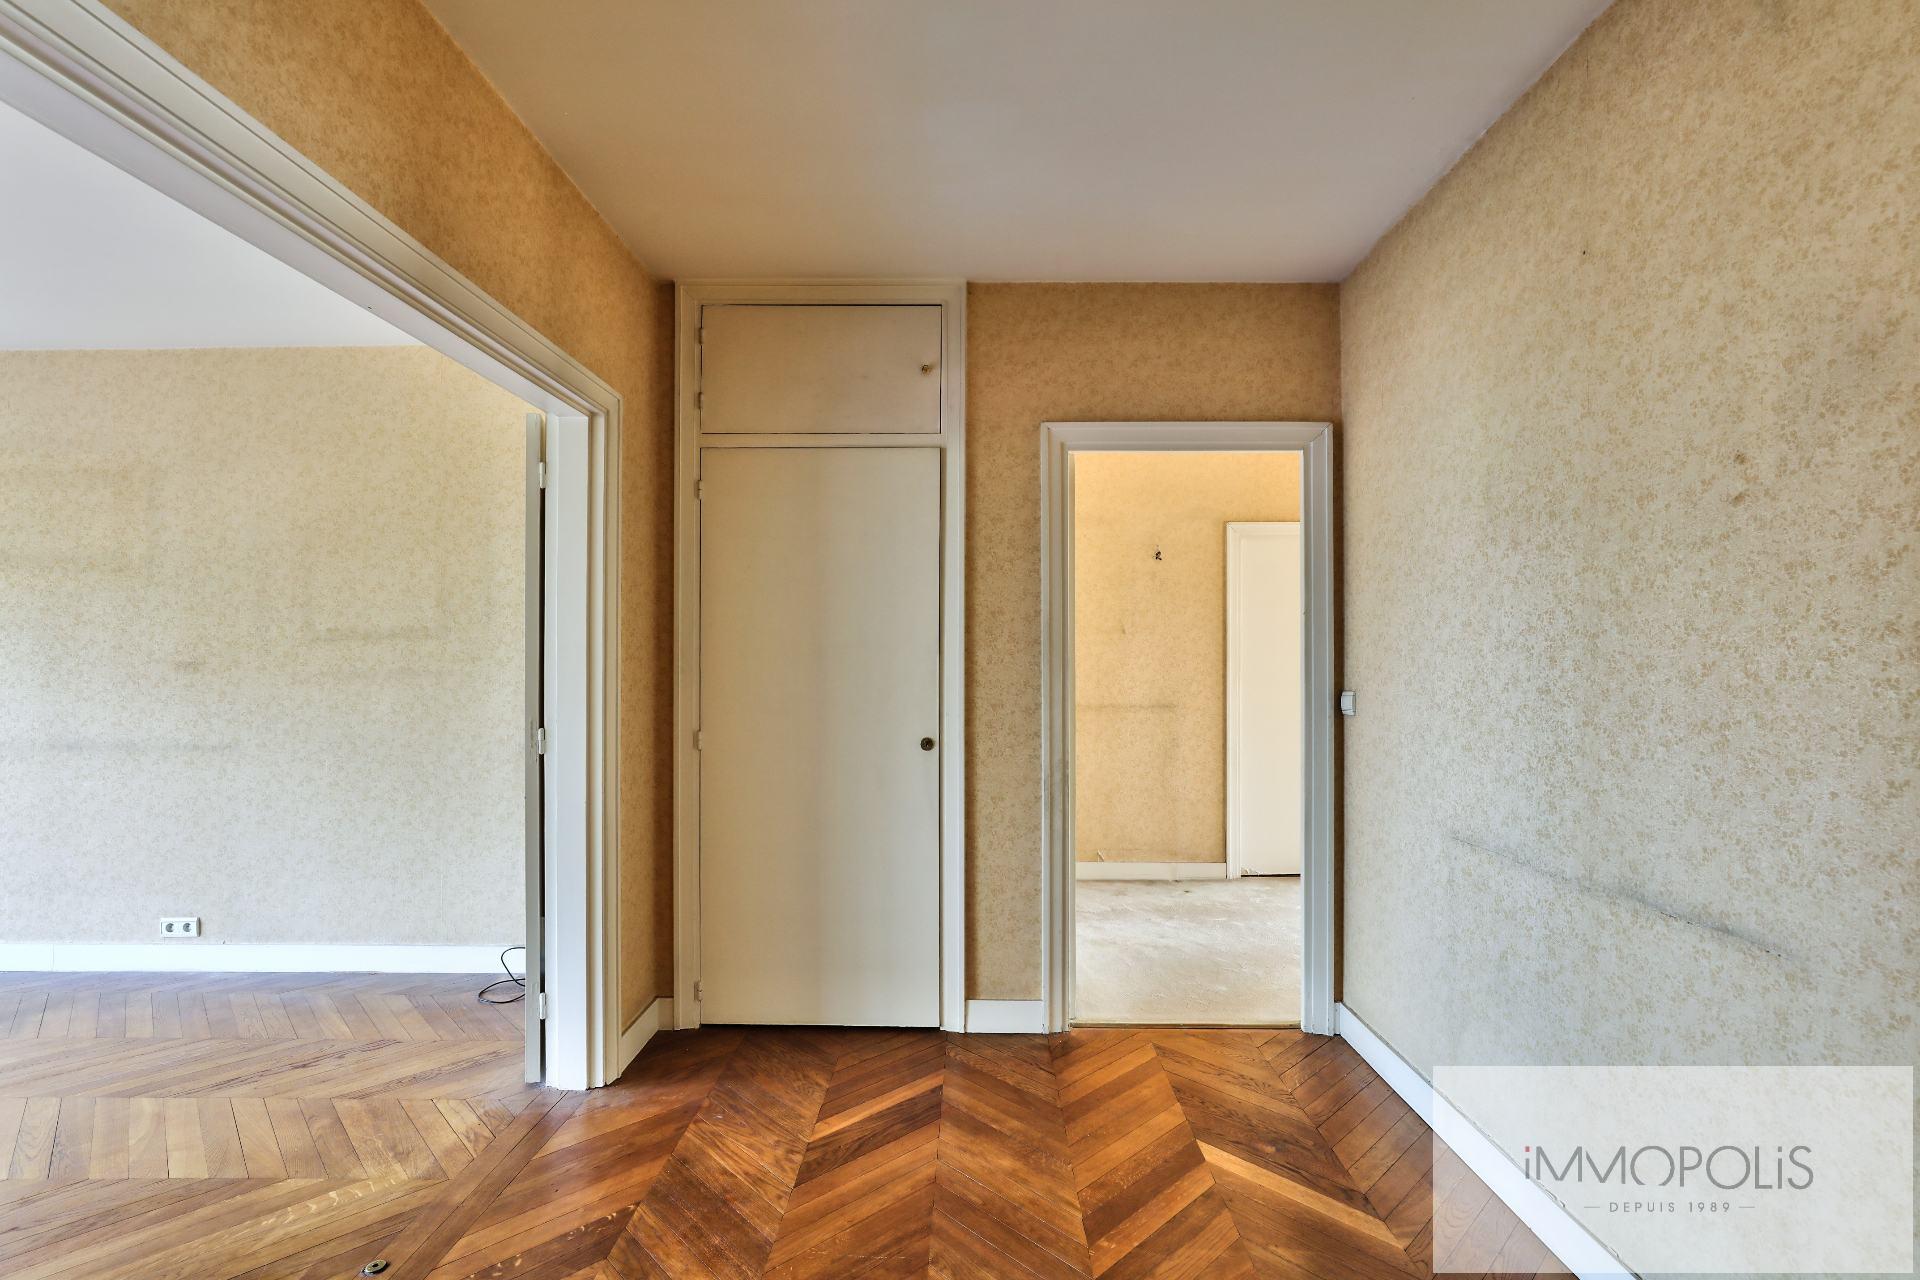 Appartement de 4 pièces à rafraichir – Avenue de Saxe – Paris VII 2